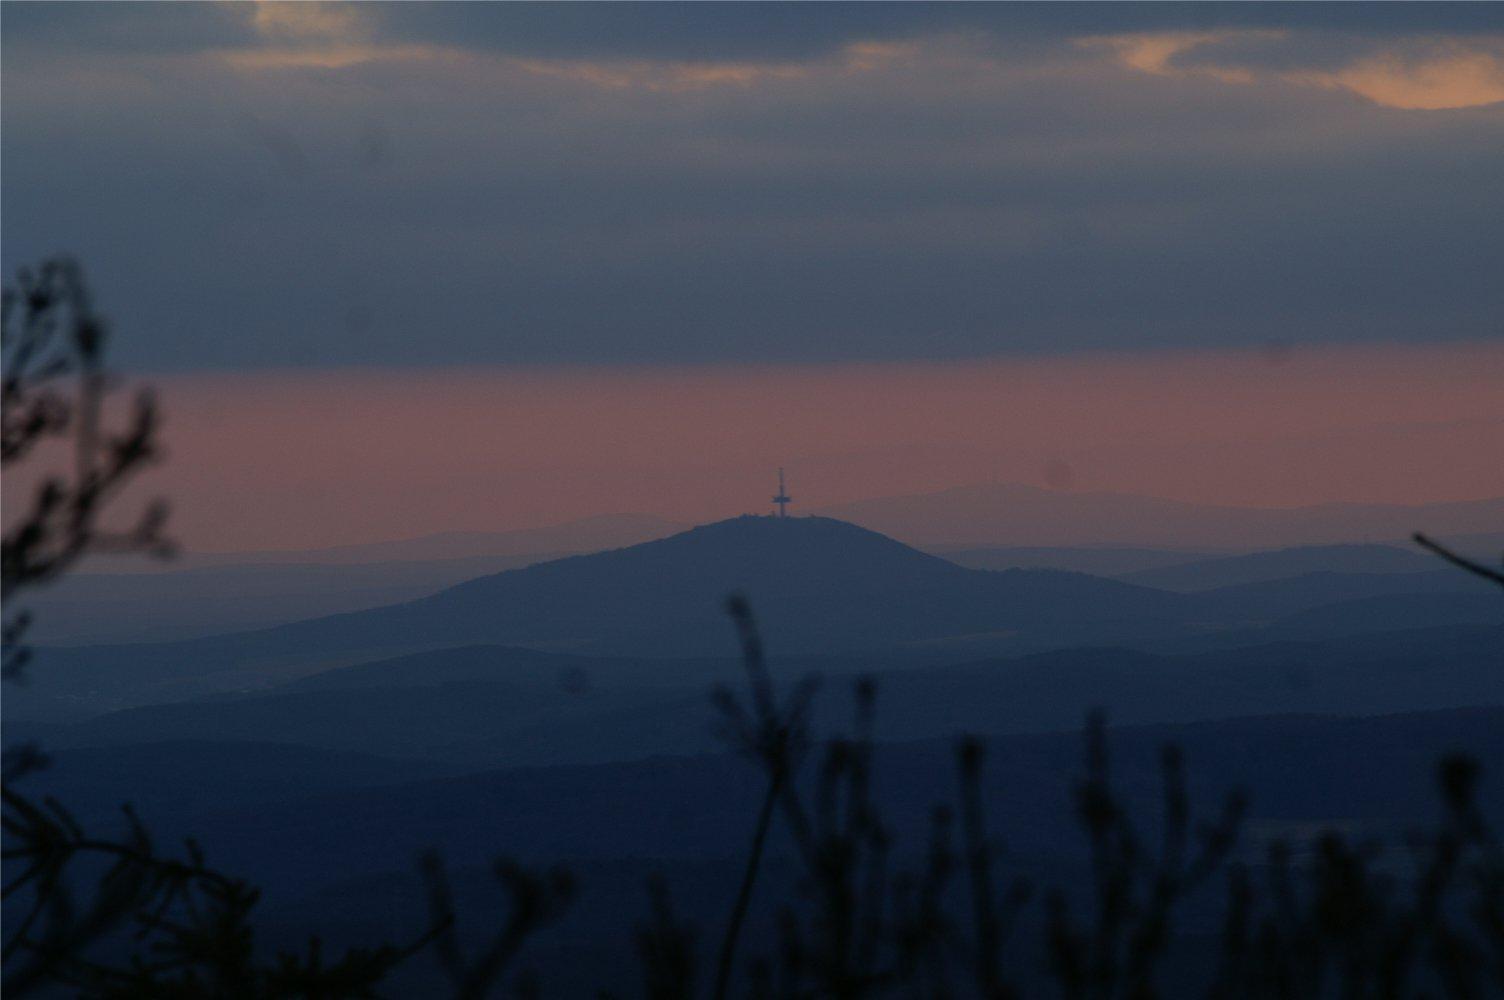 Zentraler Berg in Mittelhessen: Hier vom Rimberg bei Damshausen aufgenommen, ist der Dünsberg blickbestimmend im mittelhessischen Kernland. Foto: v. Gallera